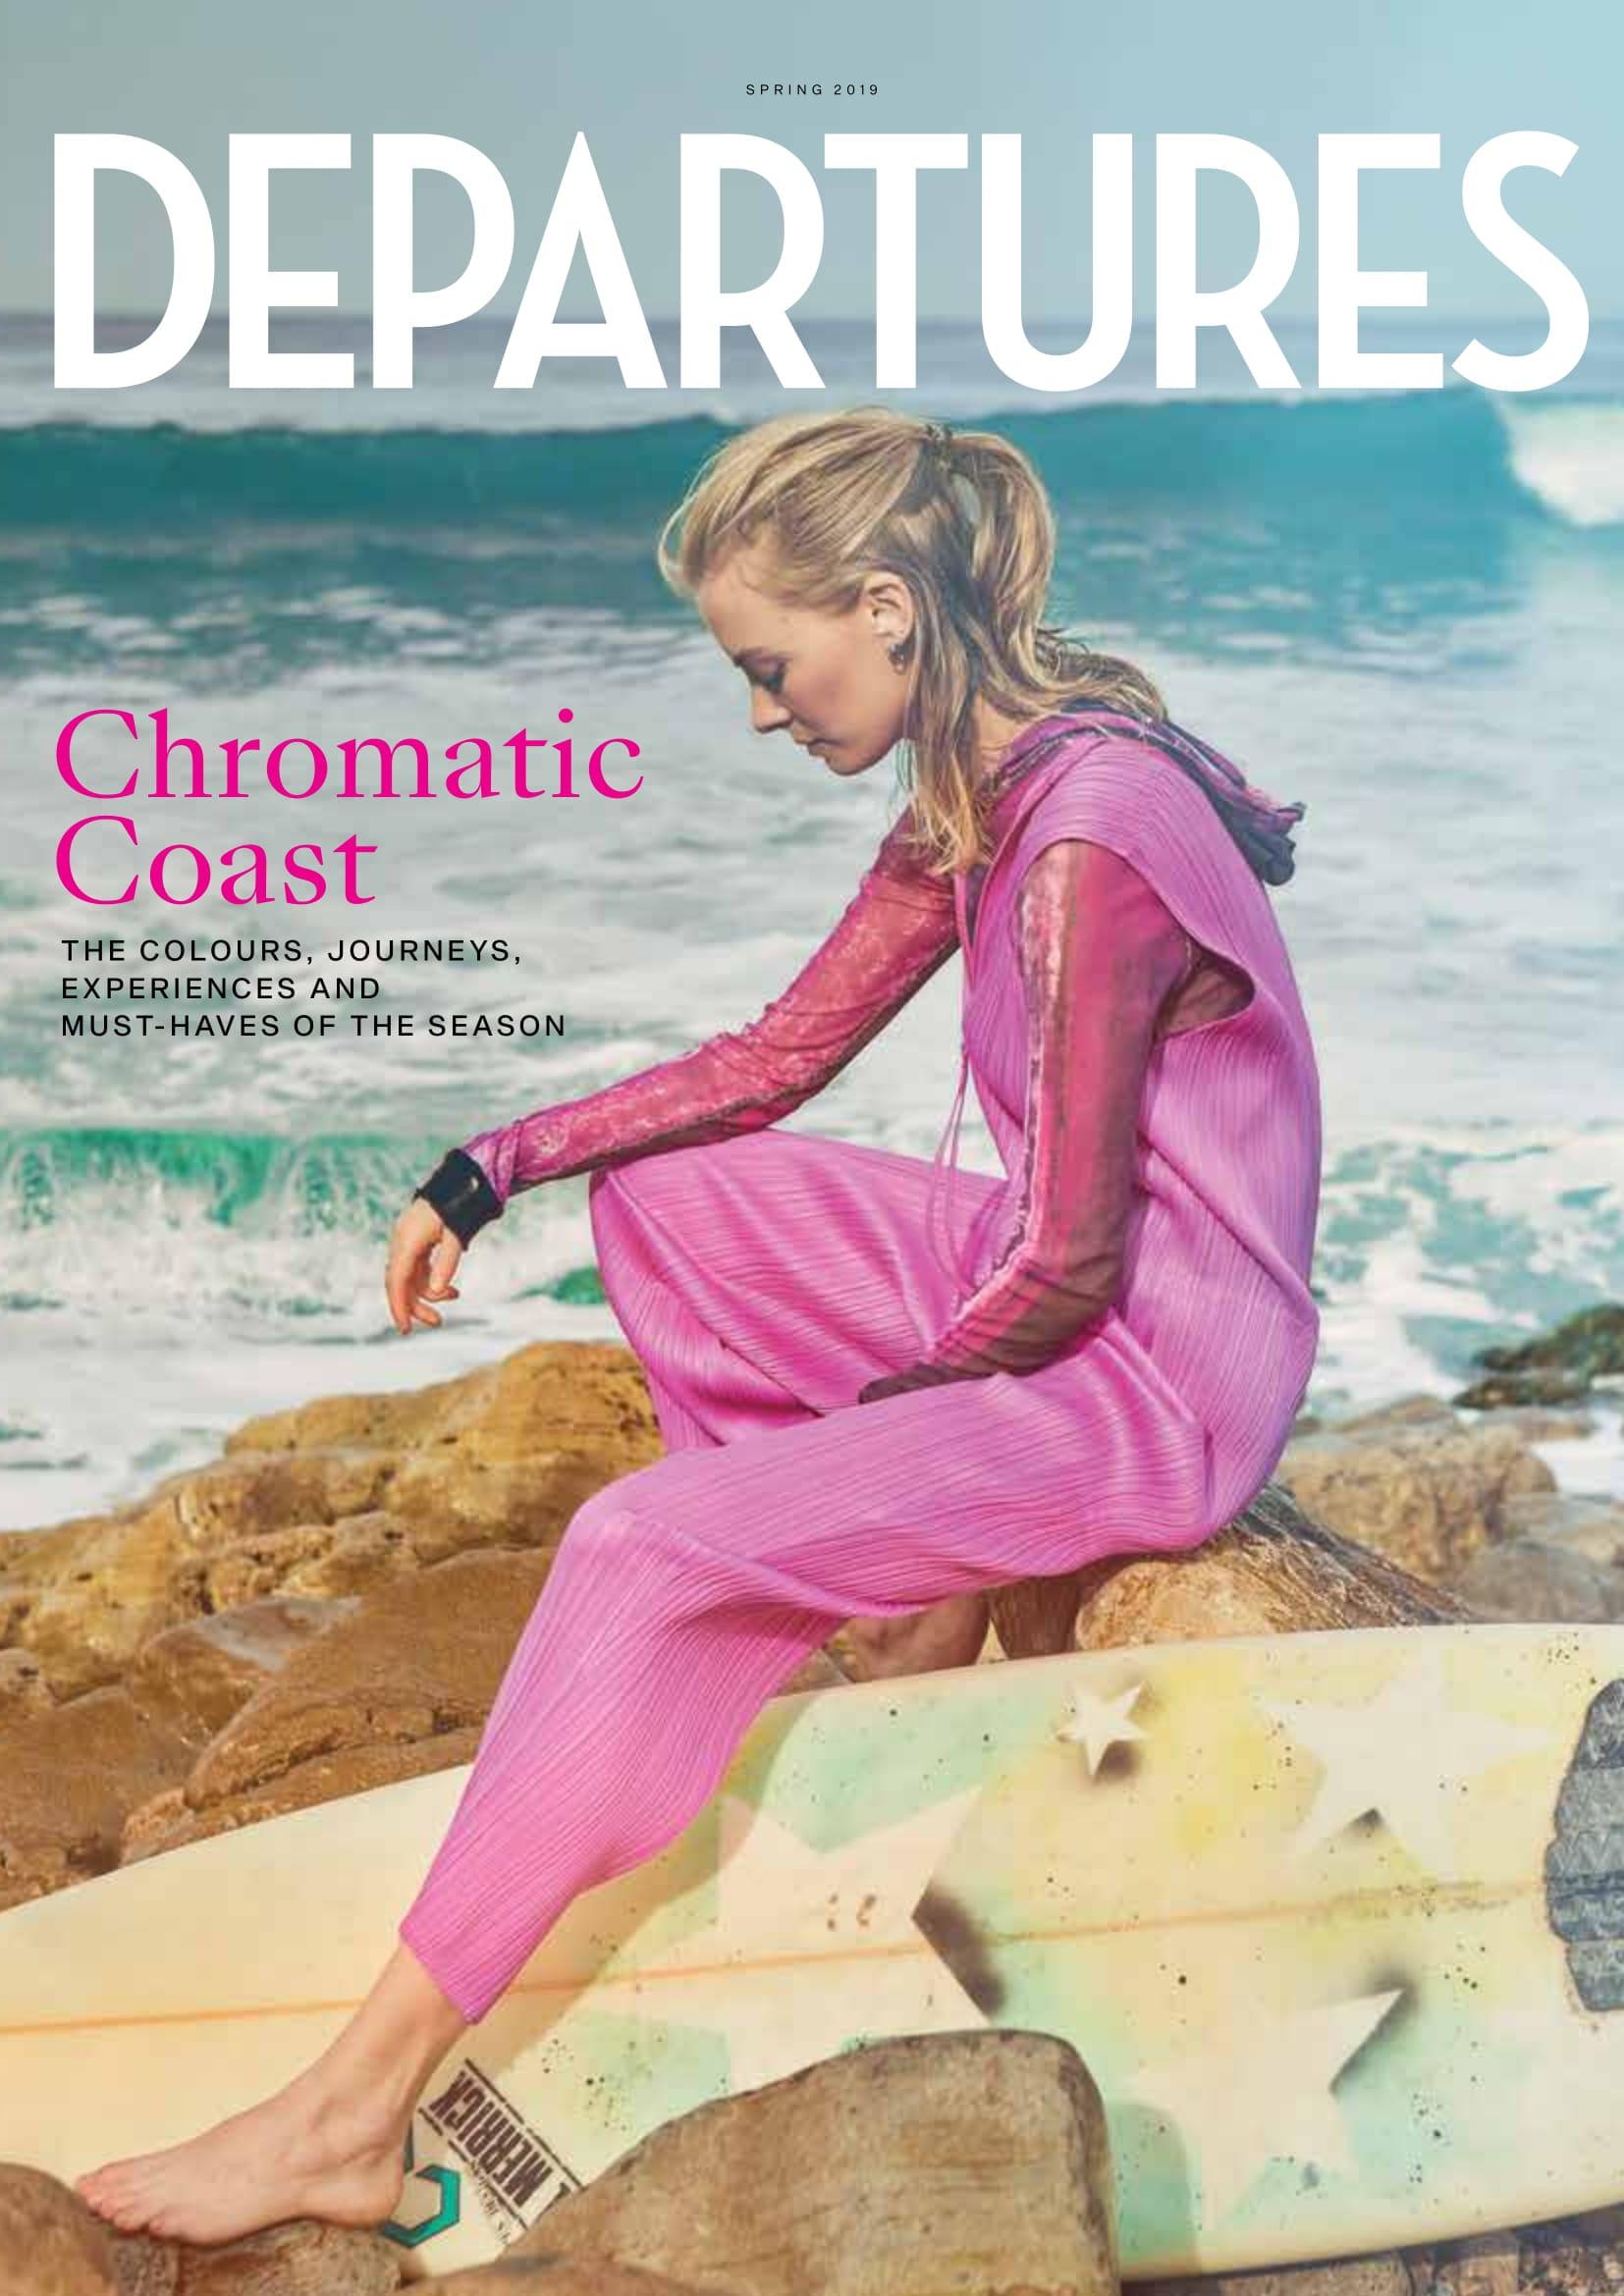 Departures magazine cover